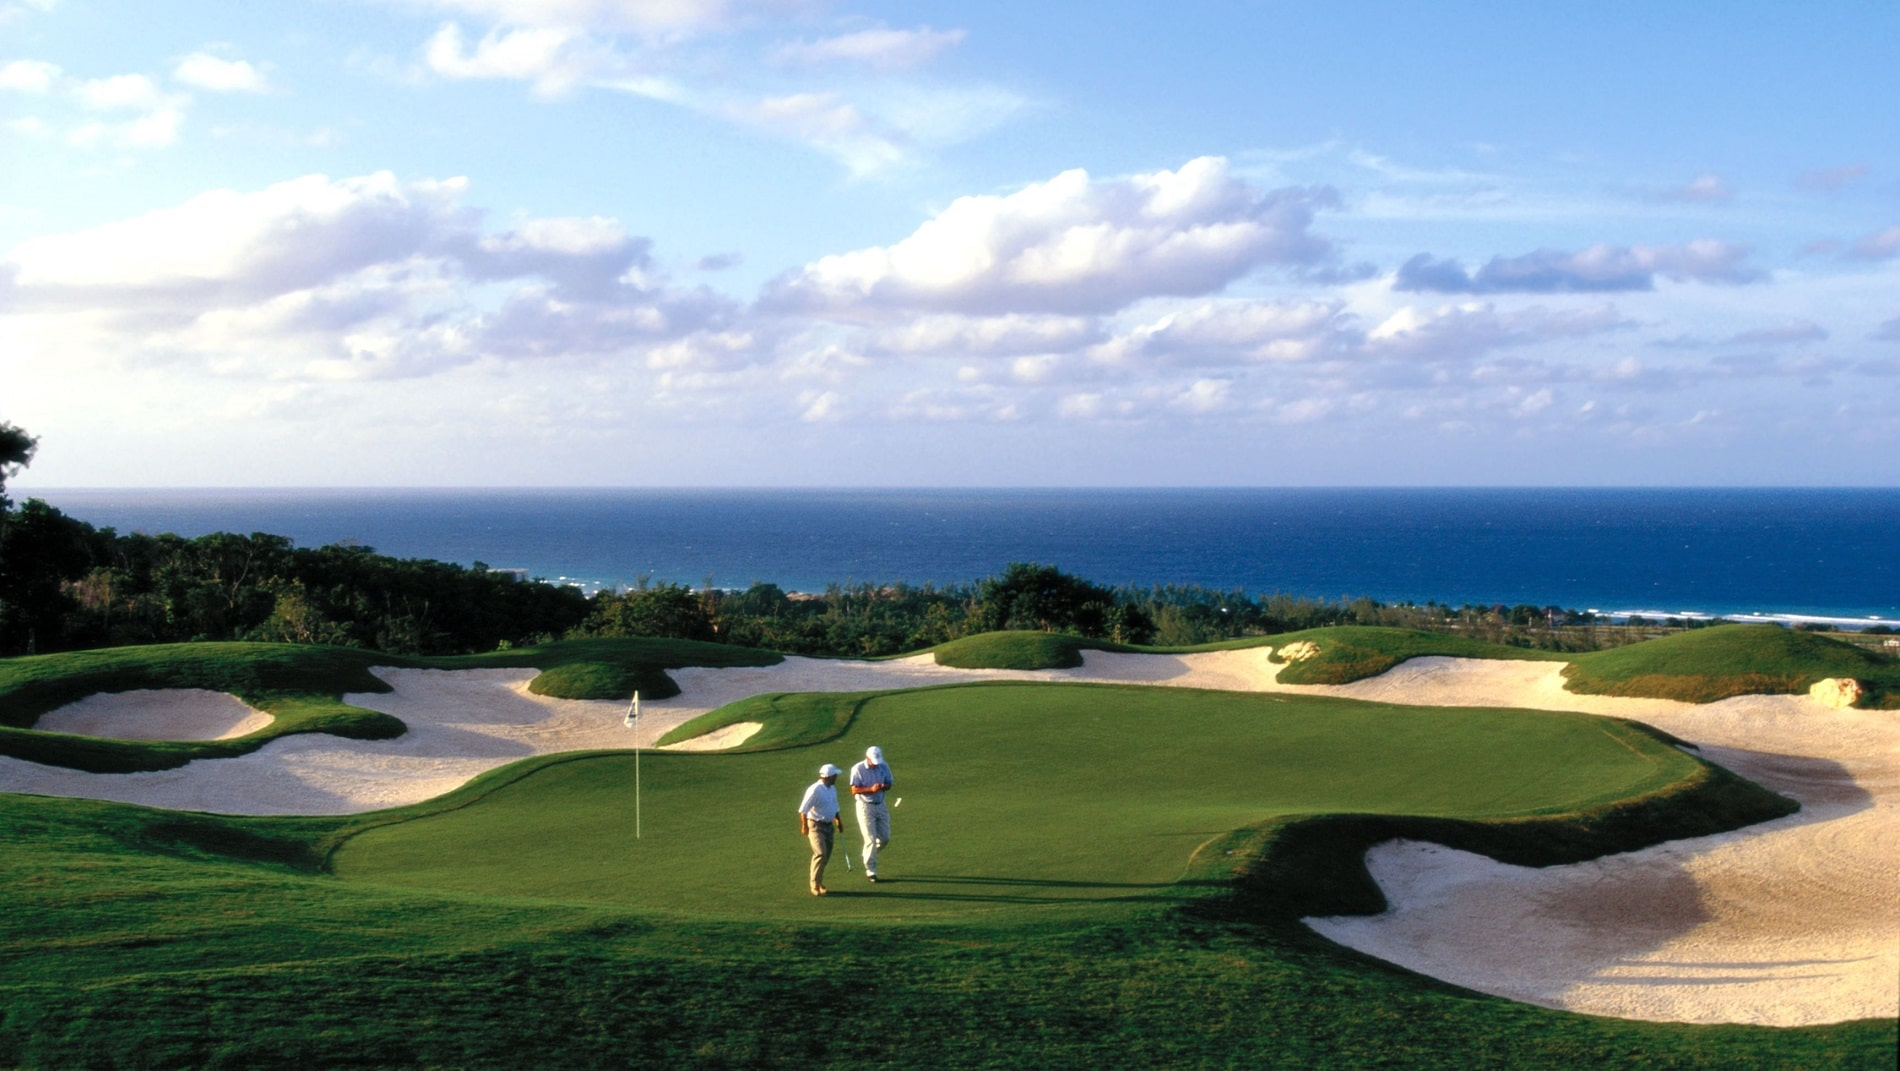 Un teren de golf foarte bine amenajat, spre deliciul turiștilor